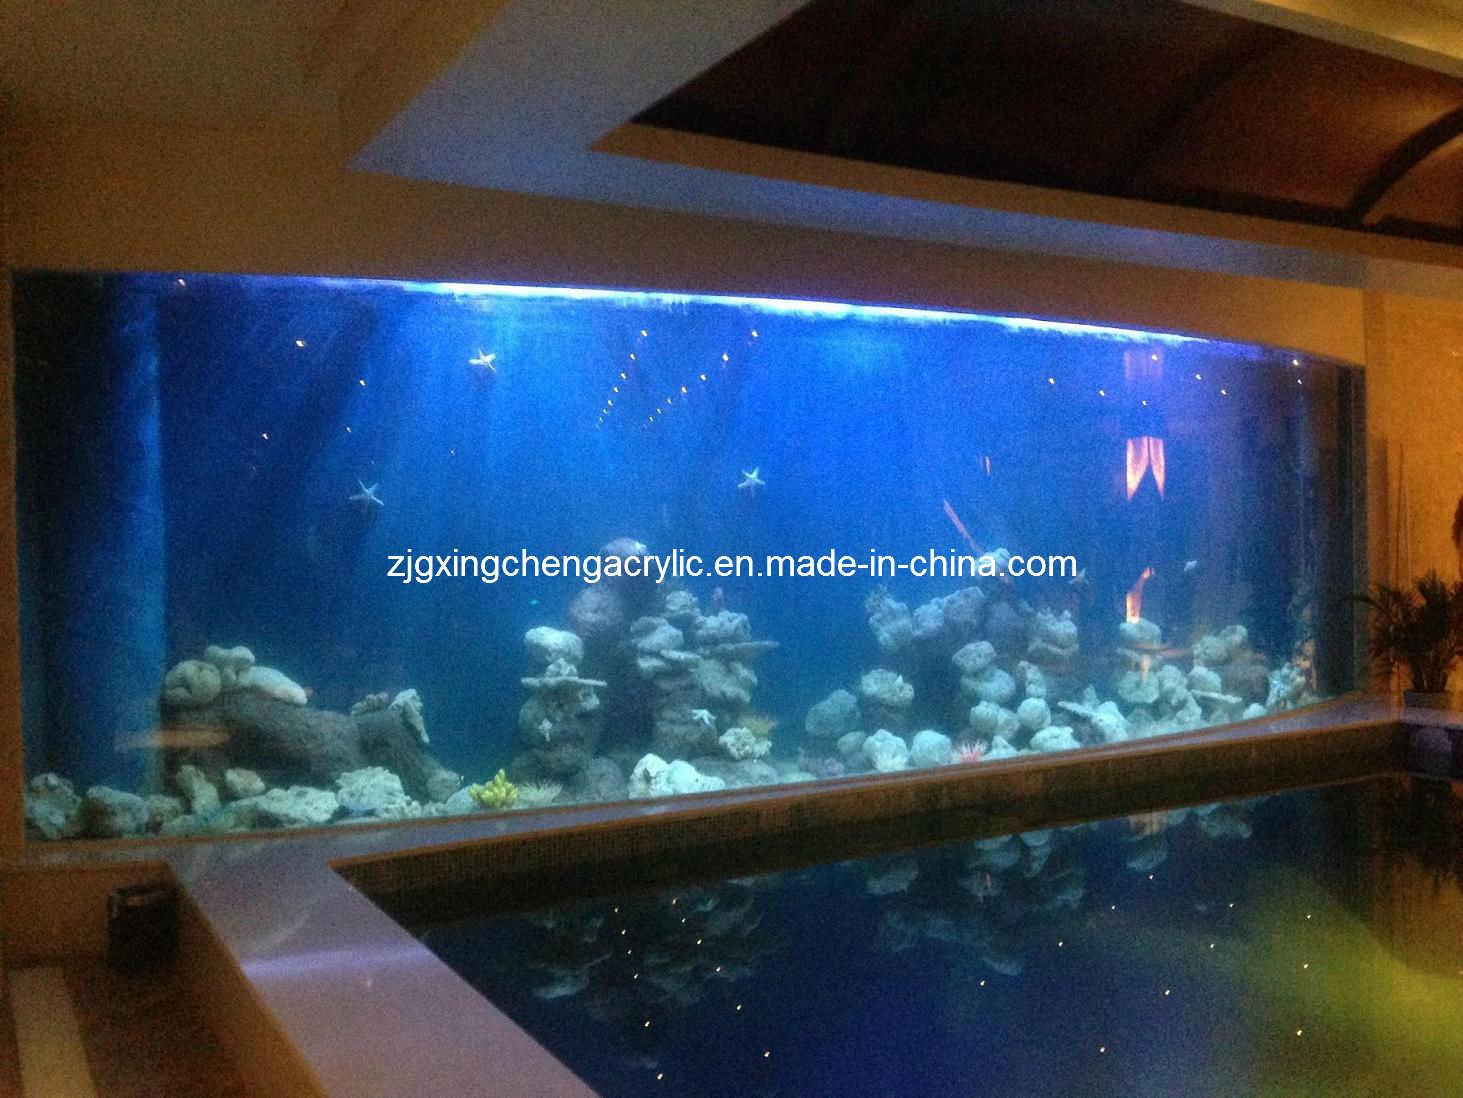 Aquarium fish tank china - Transparent Acrylic Aquarium Plexiglass Fish Tank Manufacturer